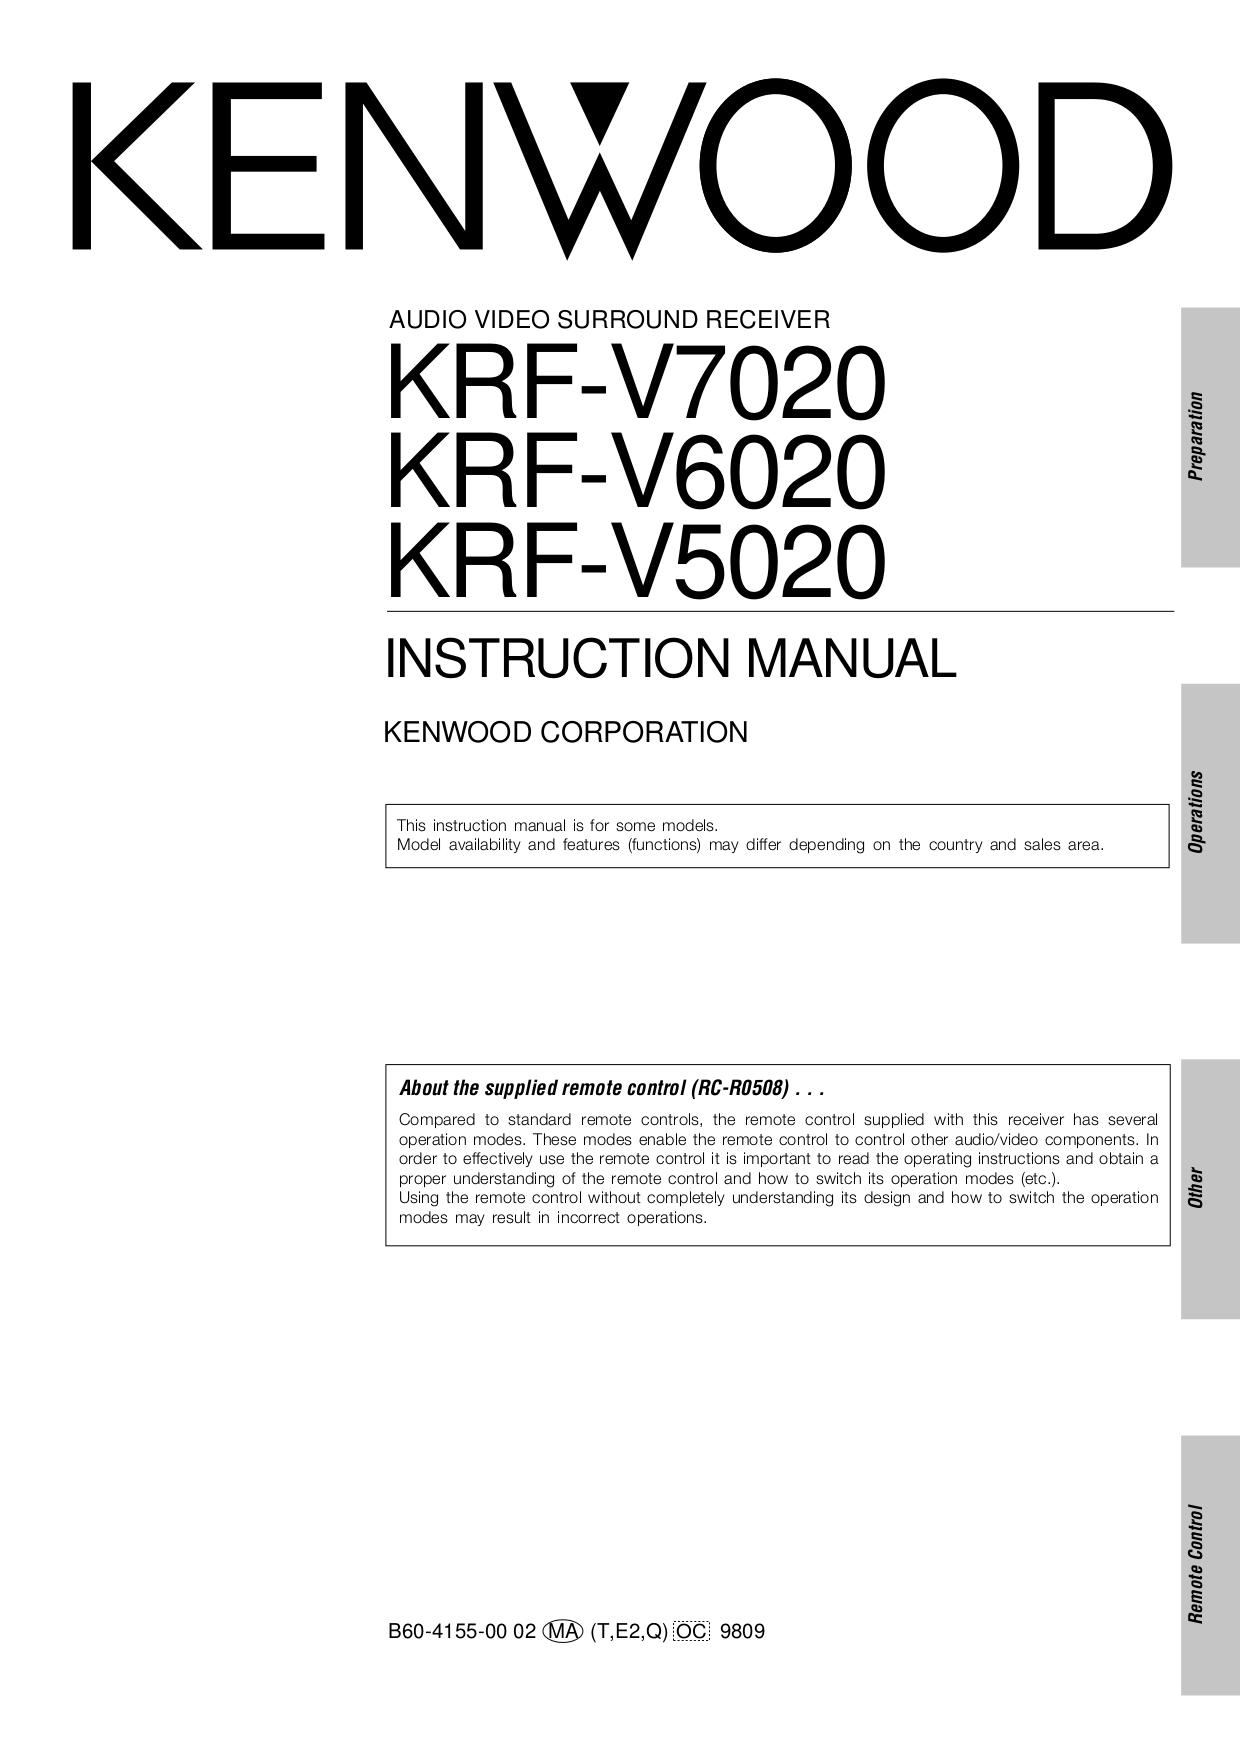 kenwood stereo wiring diagram kr v7020 wiring library kenwood ddx7017 wiring diagram kenwood stereo wiring diagram kr v7020